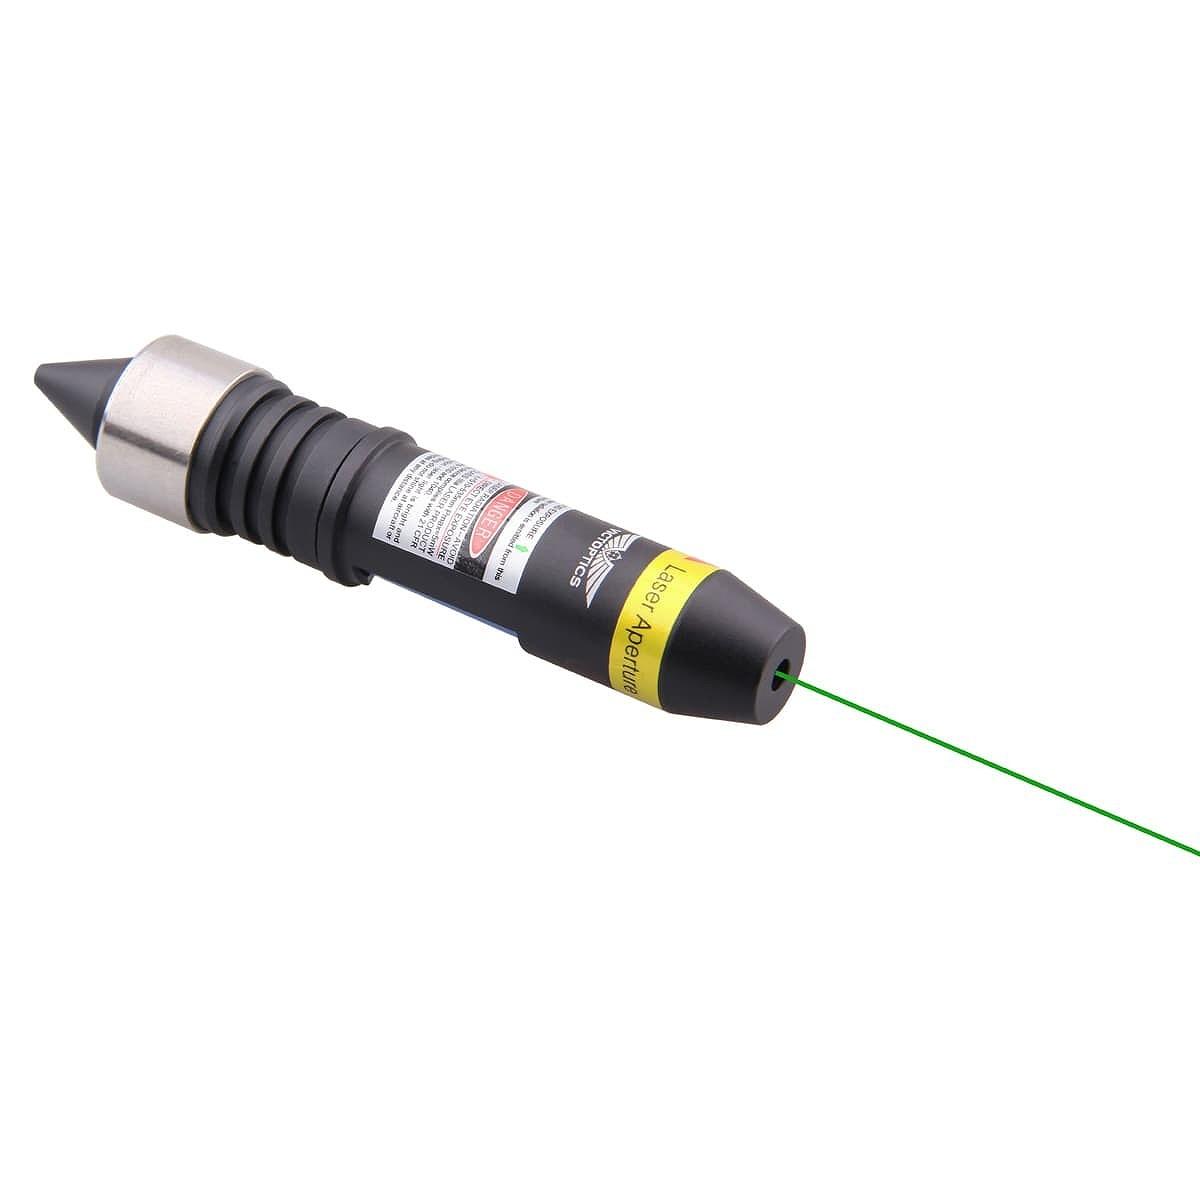 ベクターオプティクス ボアサイト Muzzle Drop-in Green Laser Bore Sight  Vector Optics LBC03